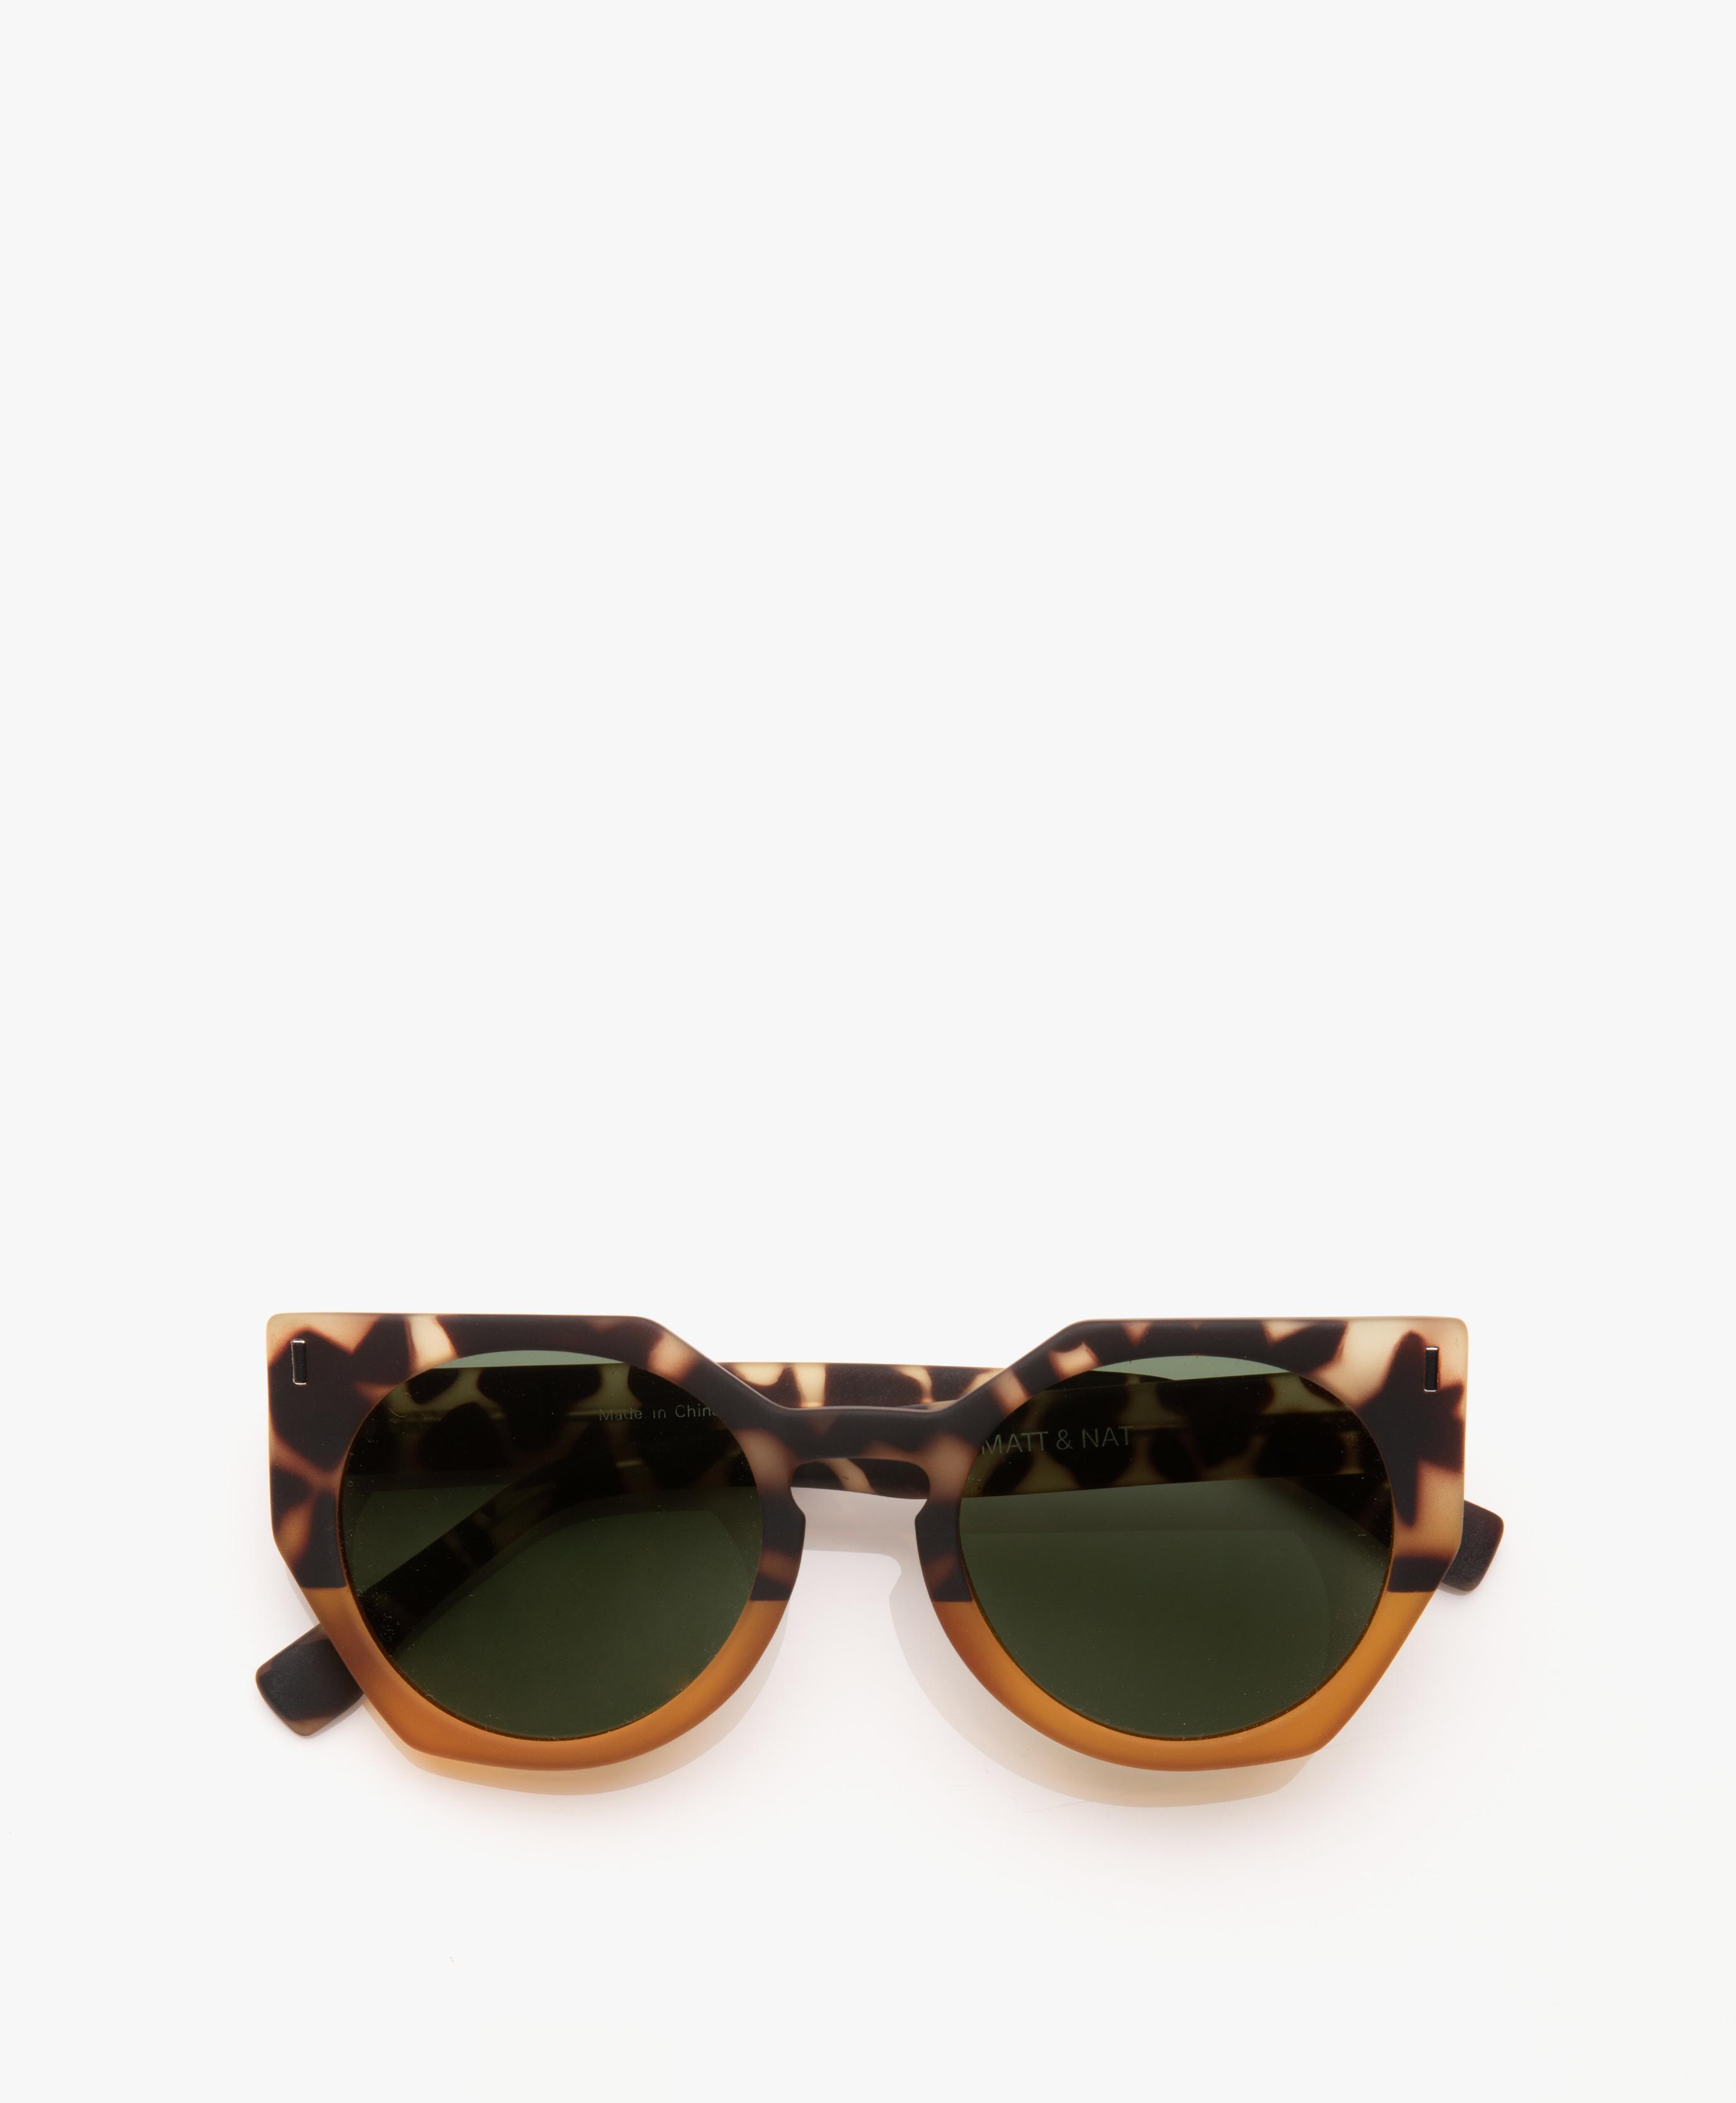 9e859cfae084 Matt   Nat Mule Geometric Sunglasses - Leopard Mix - mule leomix